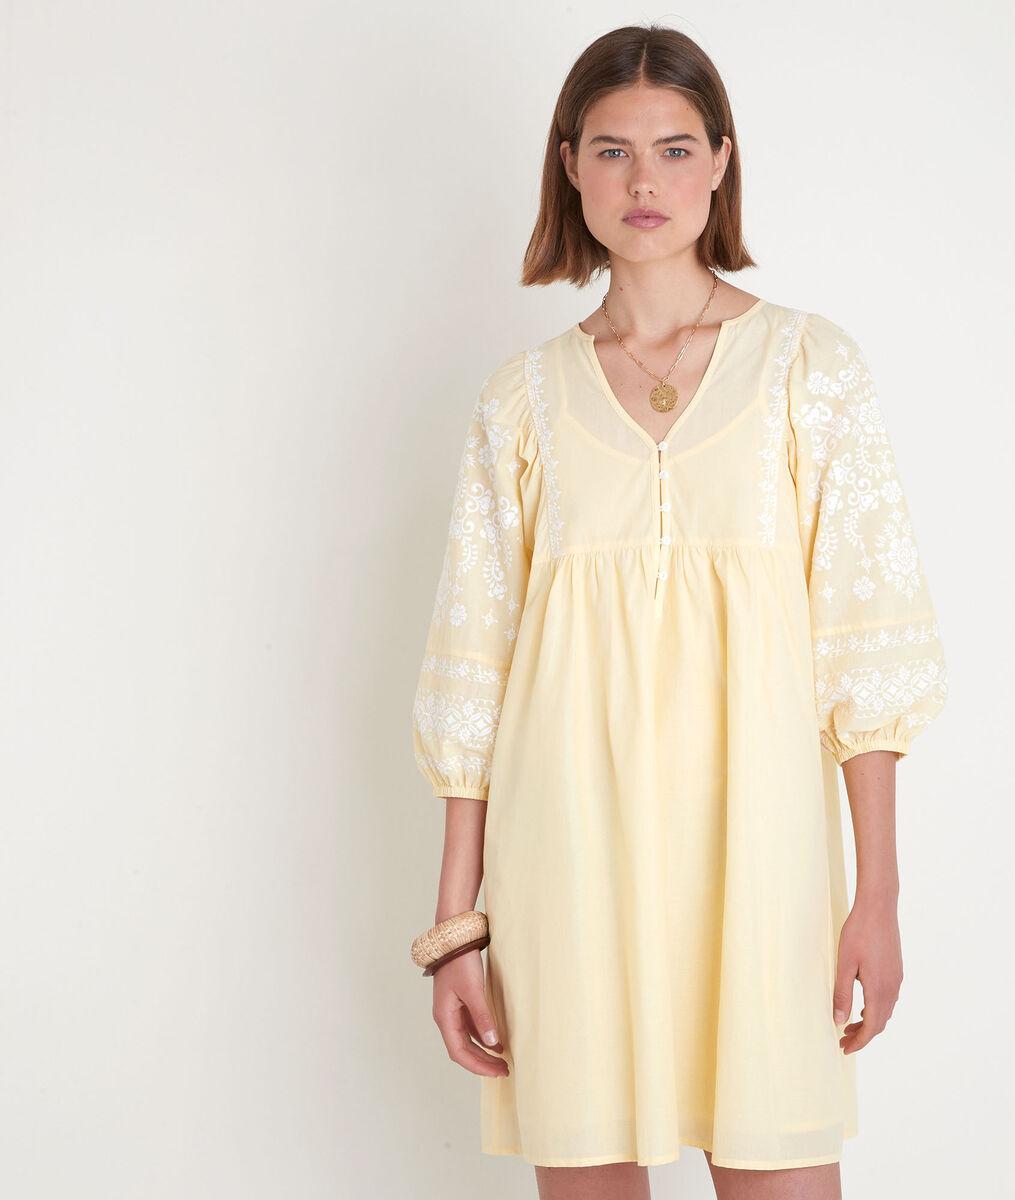 Lichtgele korte jurk met borduurwerk Samantha PhotoZ   1-2-3